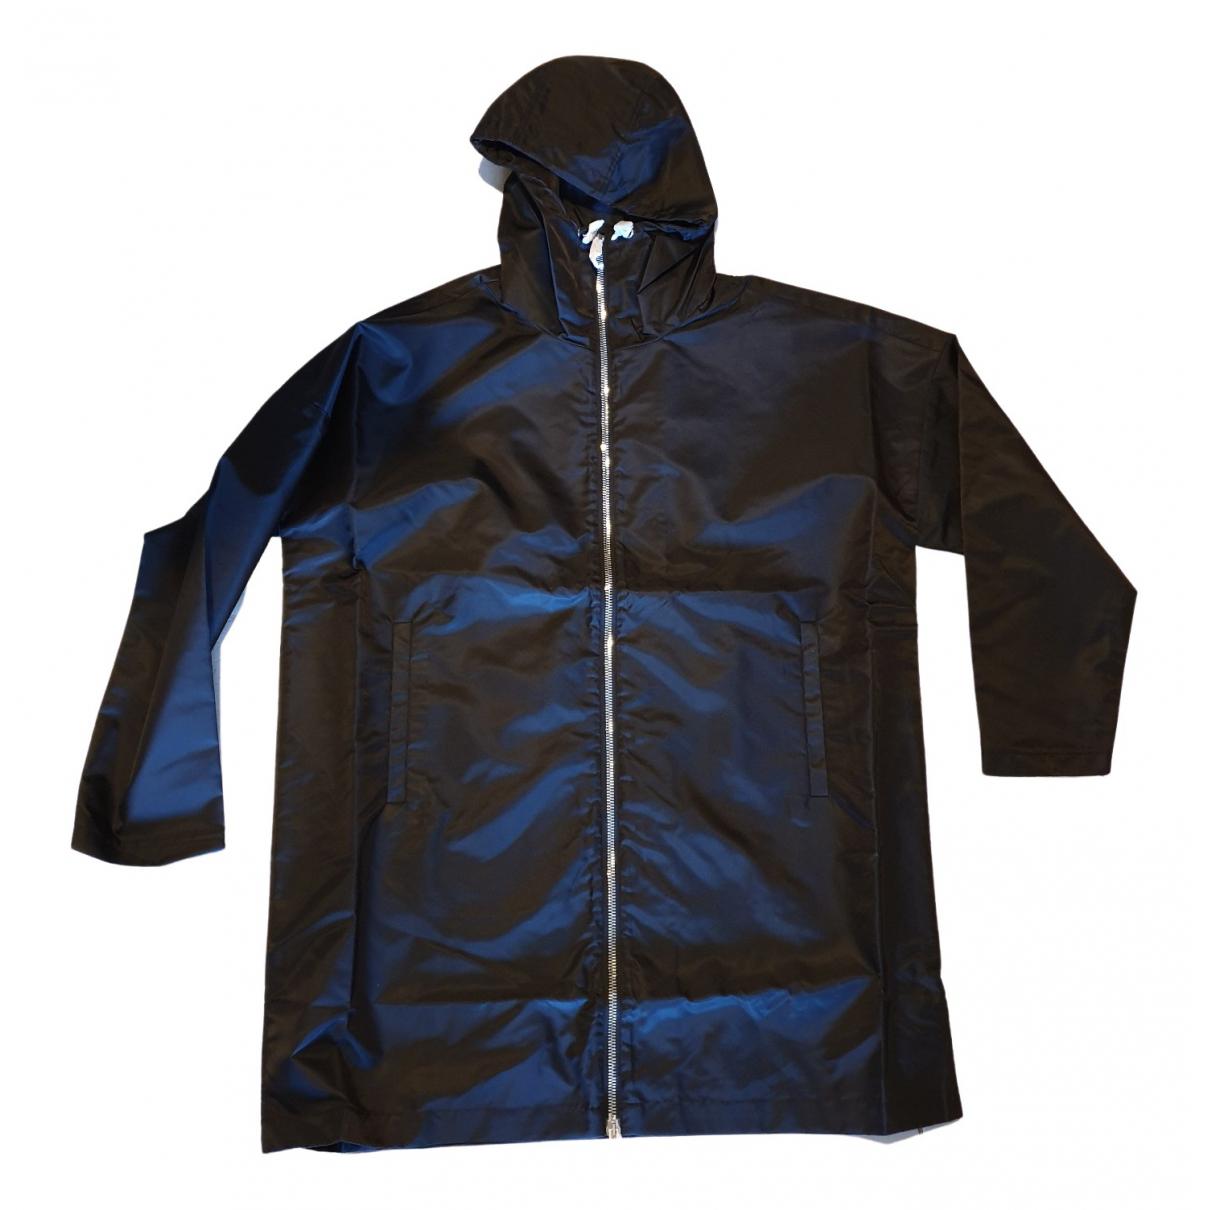 Dsquared2 \N Black jacket  for Men L International